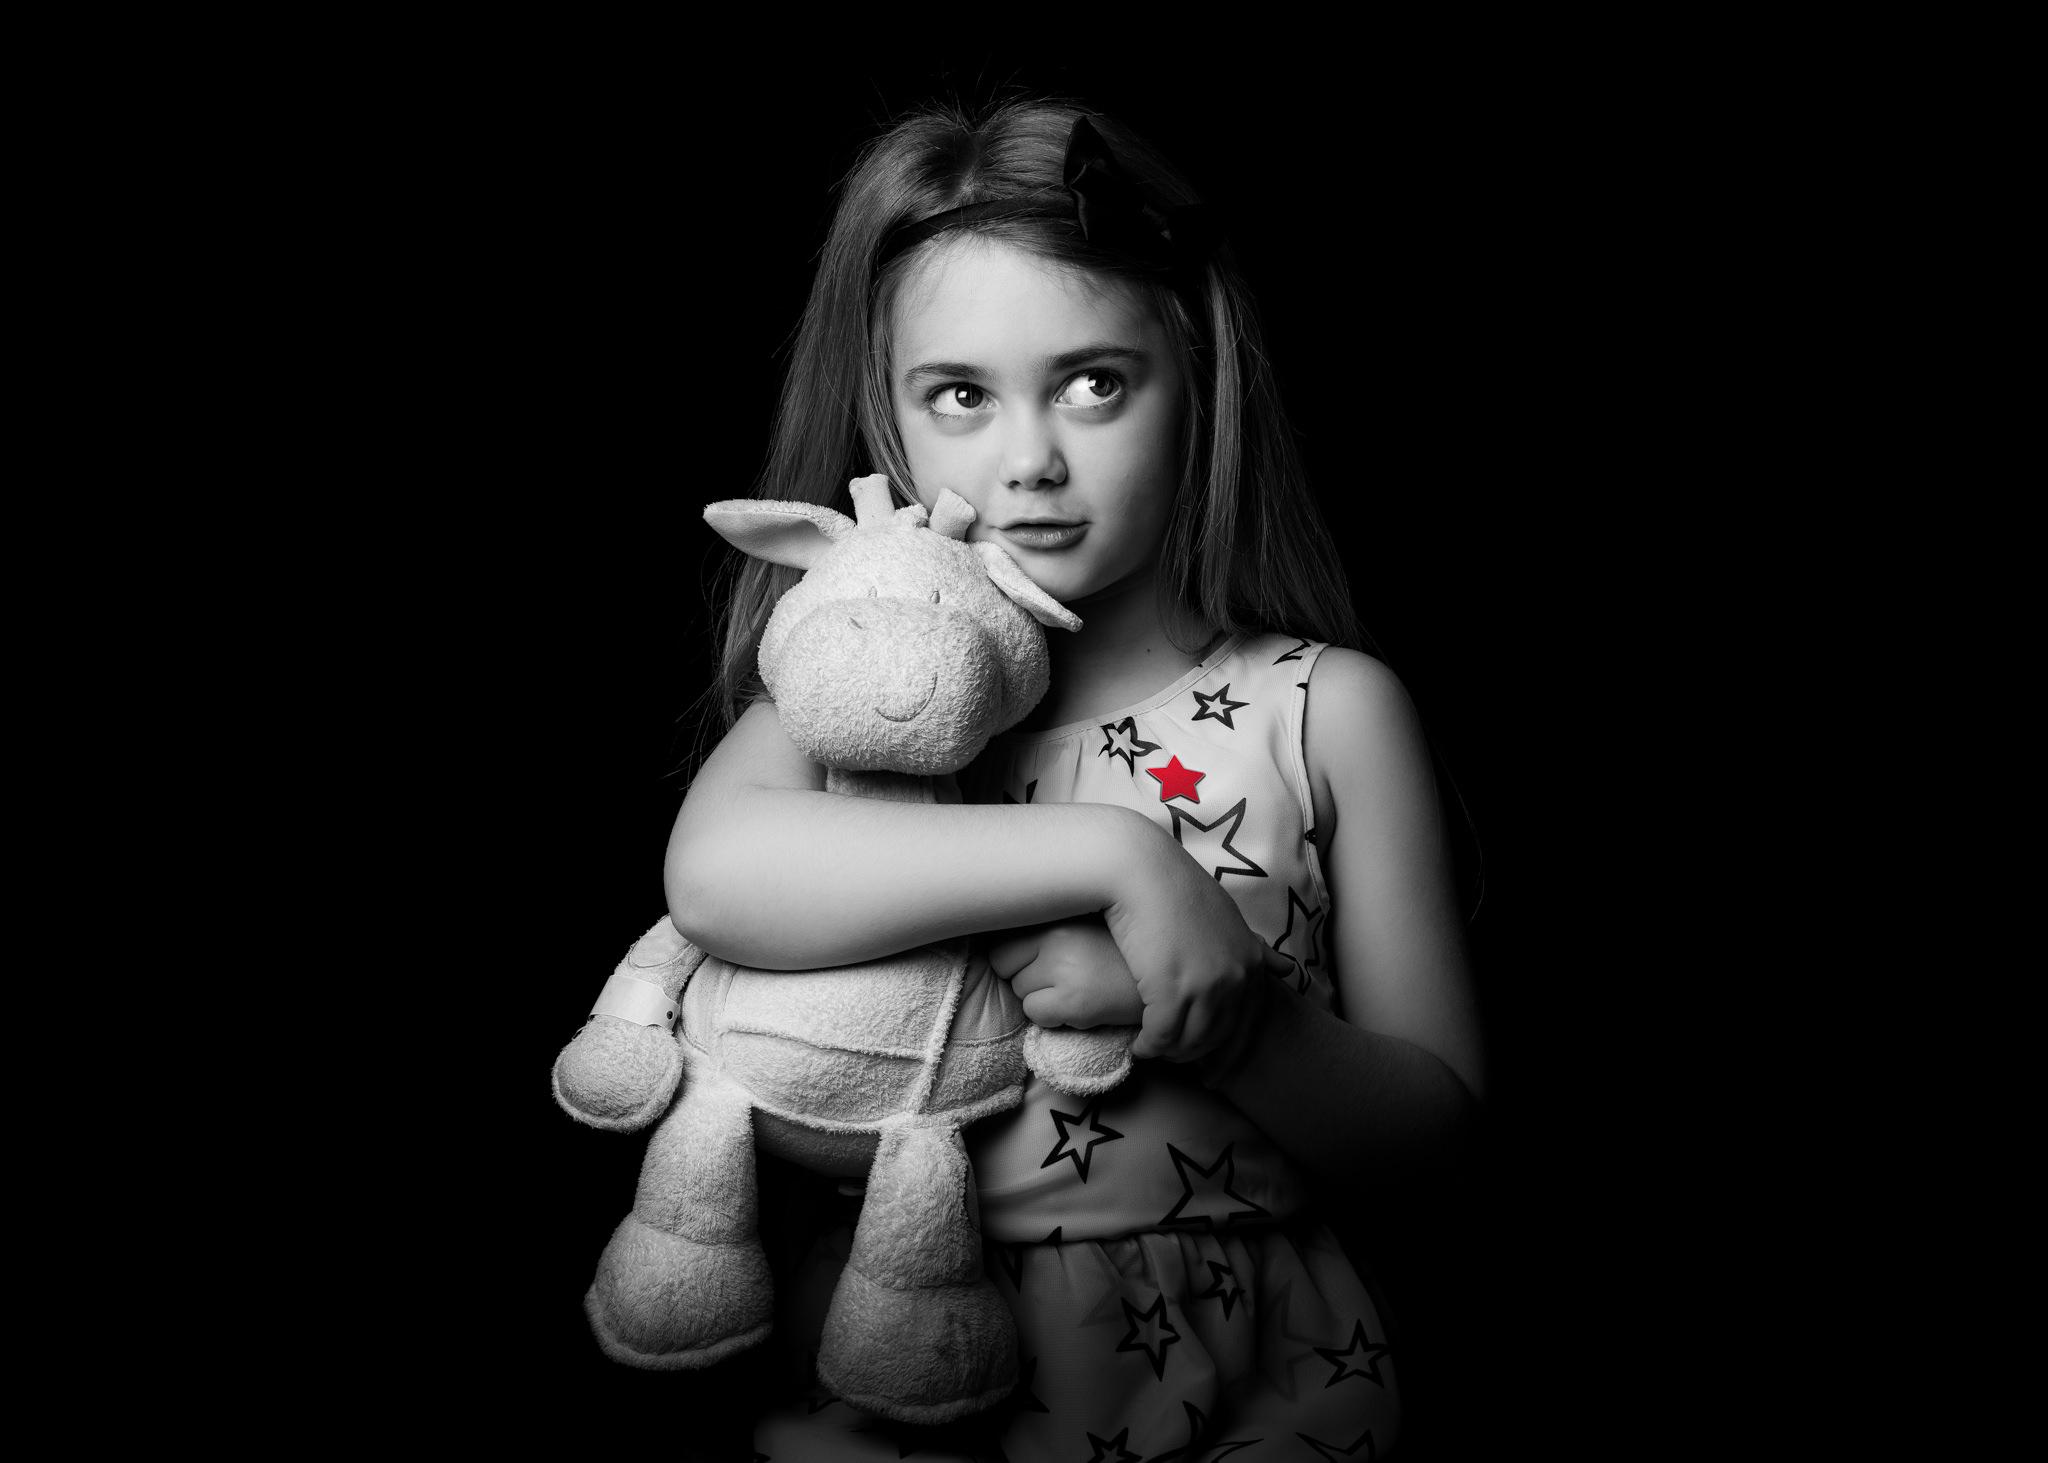 Phoebe (Age 7)